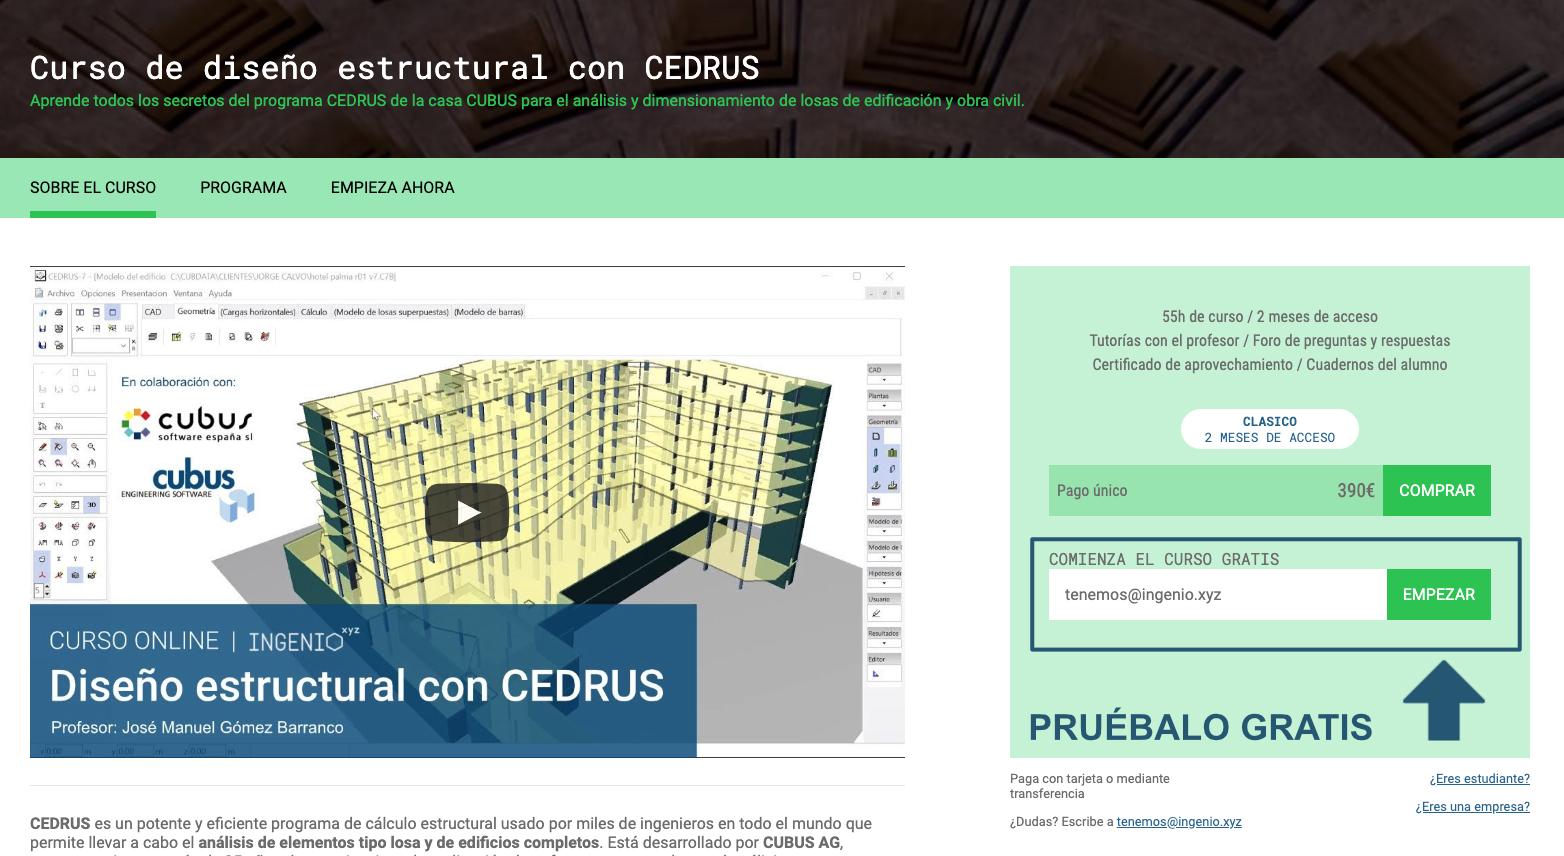 Imagen Curso de Diseño estructural con CEDRUS, ya disponible en ingenio.xyz